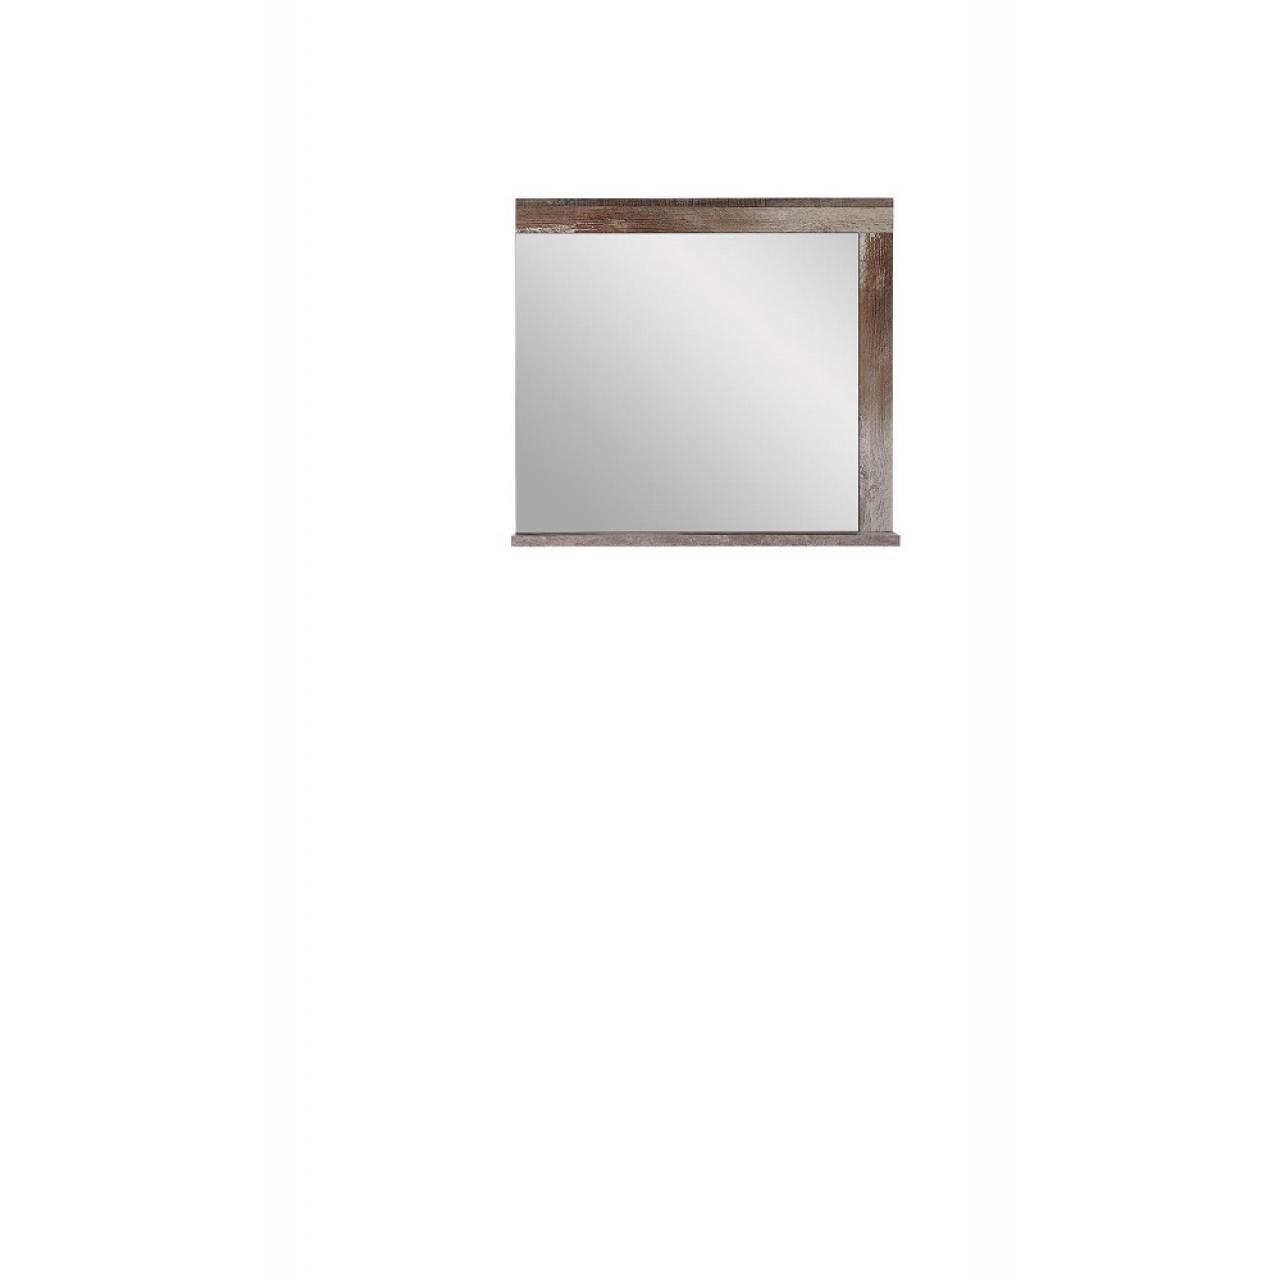 Spiegel Crown-X Mit Ablage Driftwood Nb. Flur Diele Garderobe Wohnzimmer Wandspiegel